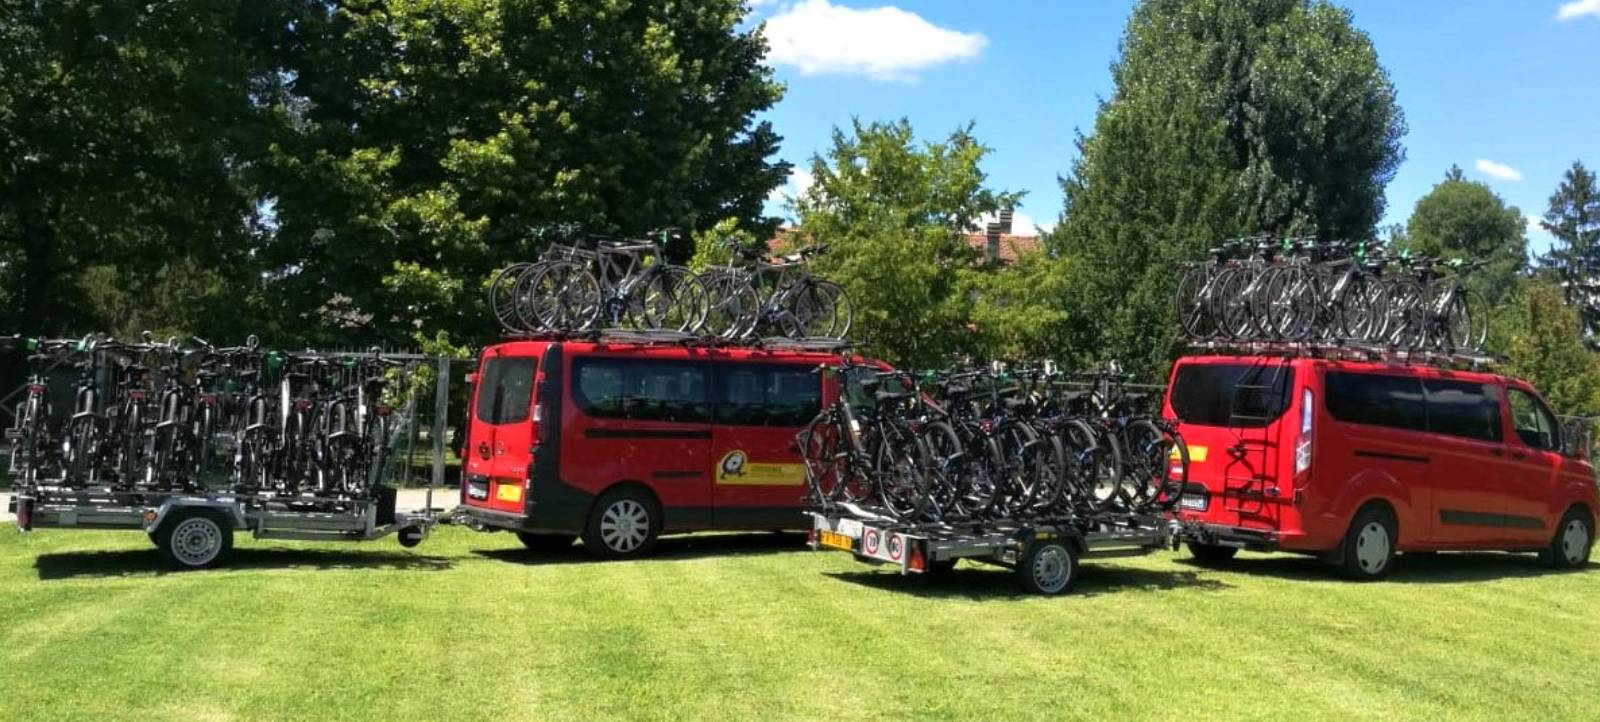 Noleggio Flotte di Biciclette per operatori del turismo